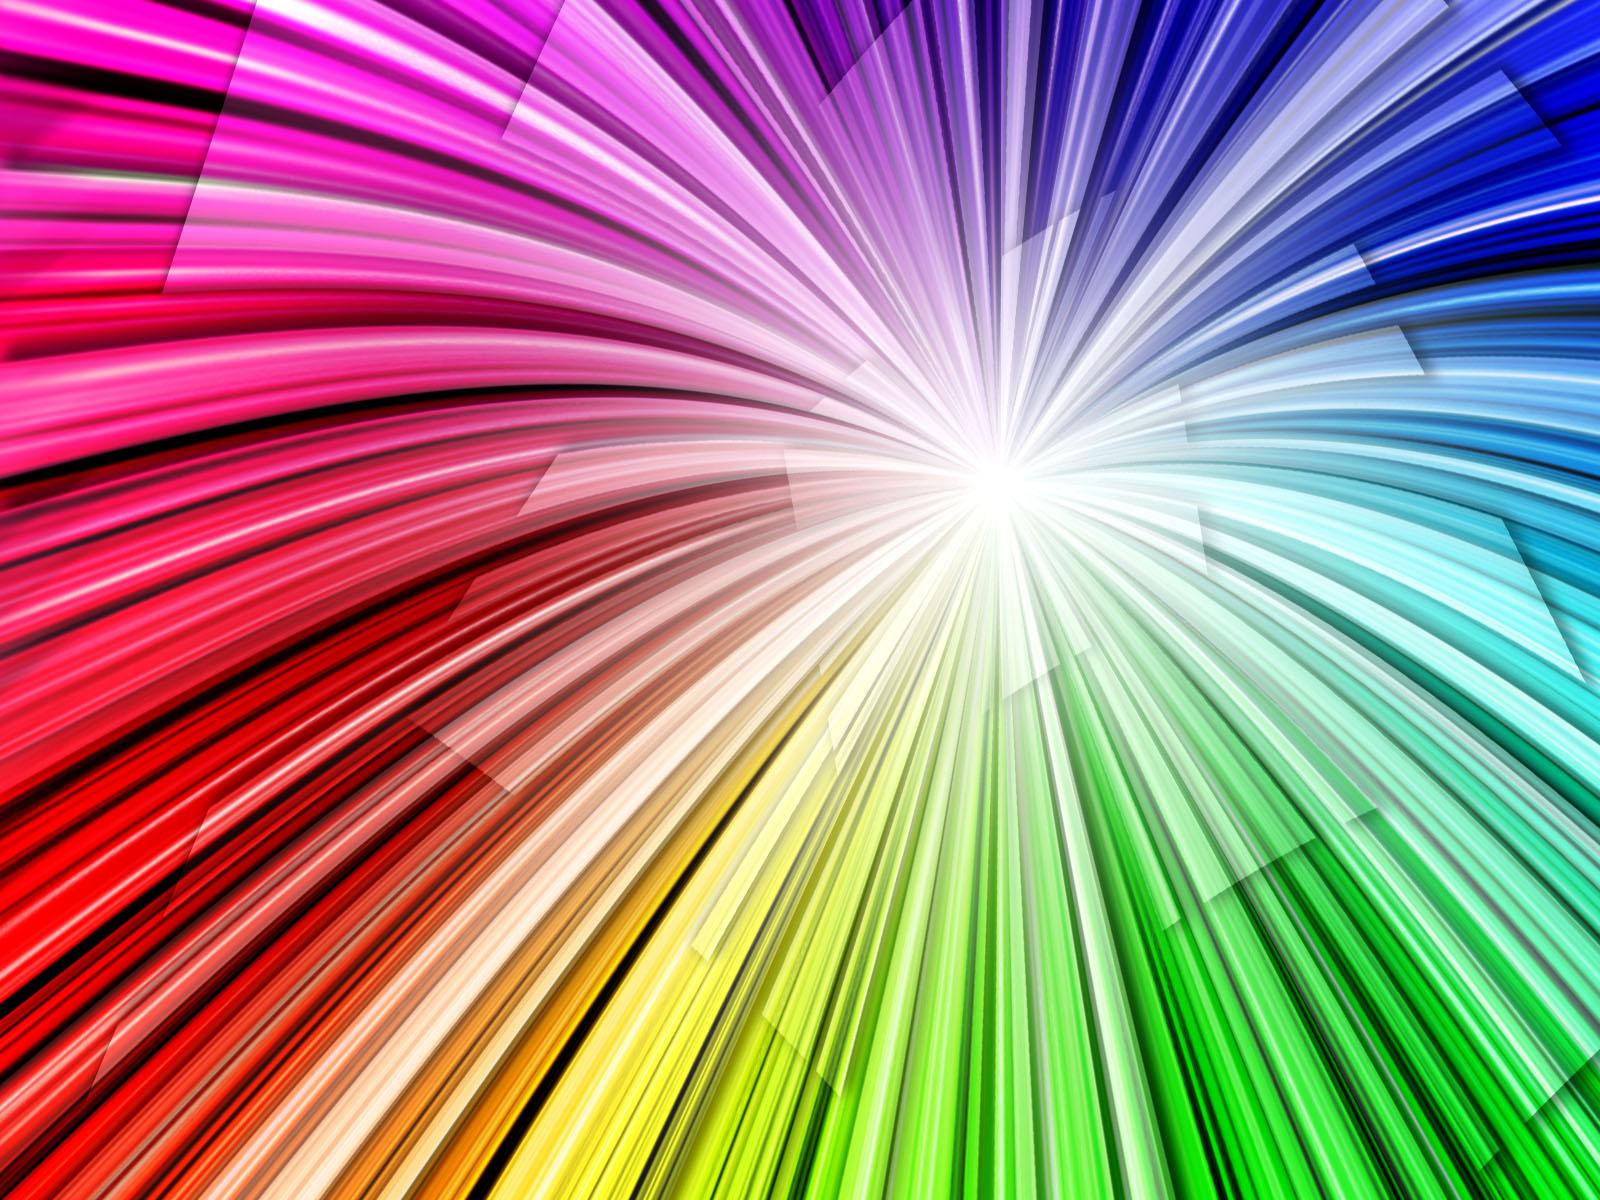 вщрыв всех цветов рвдуги, фото, обои на рабочий стол